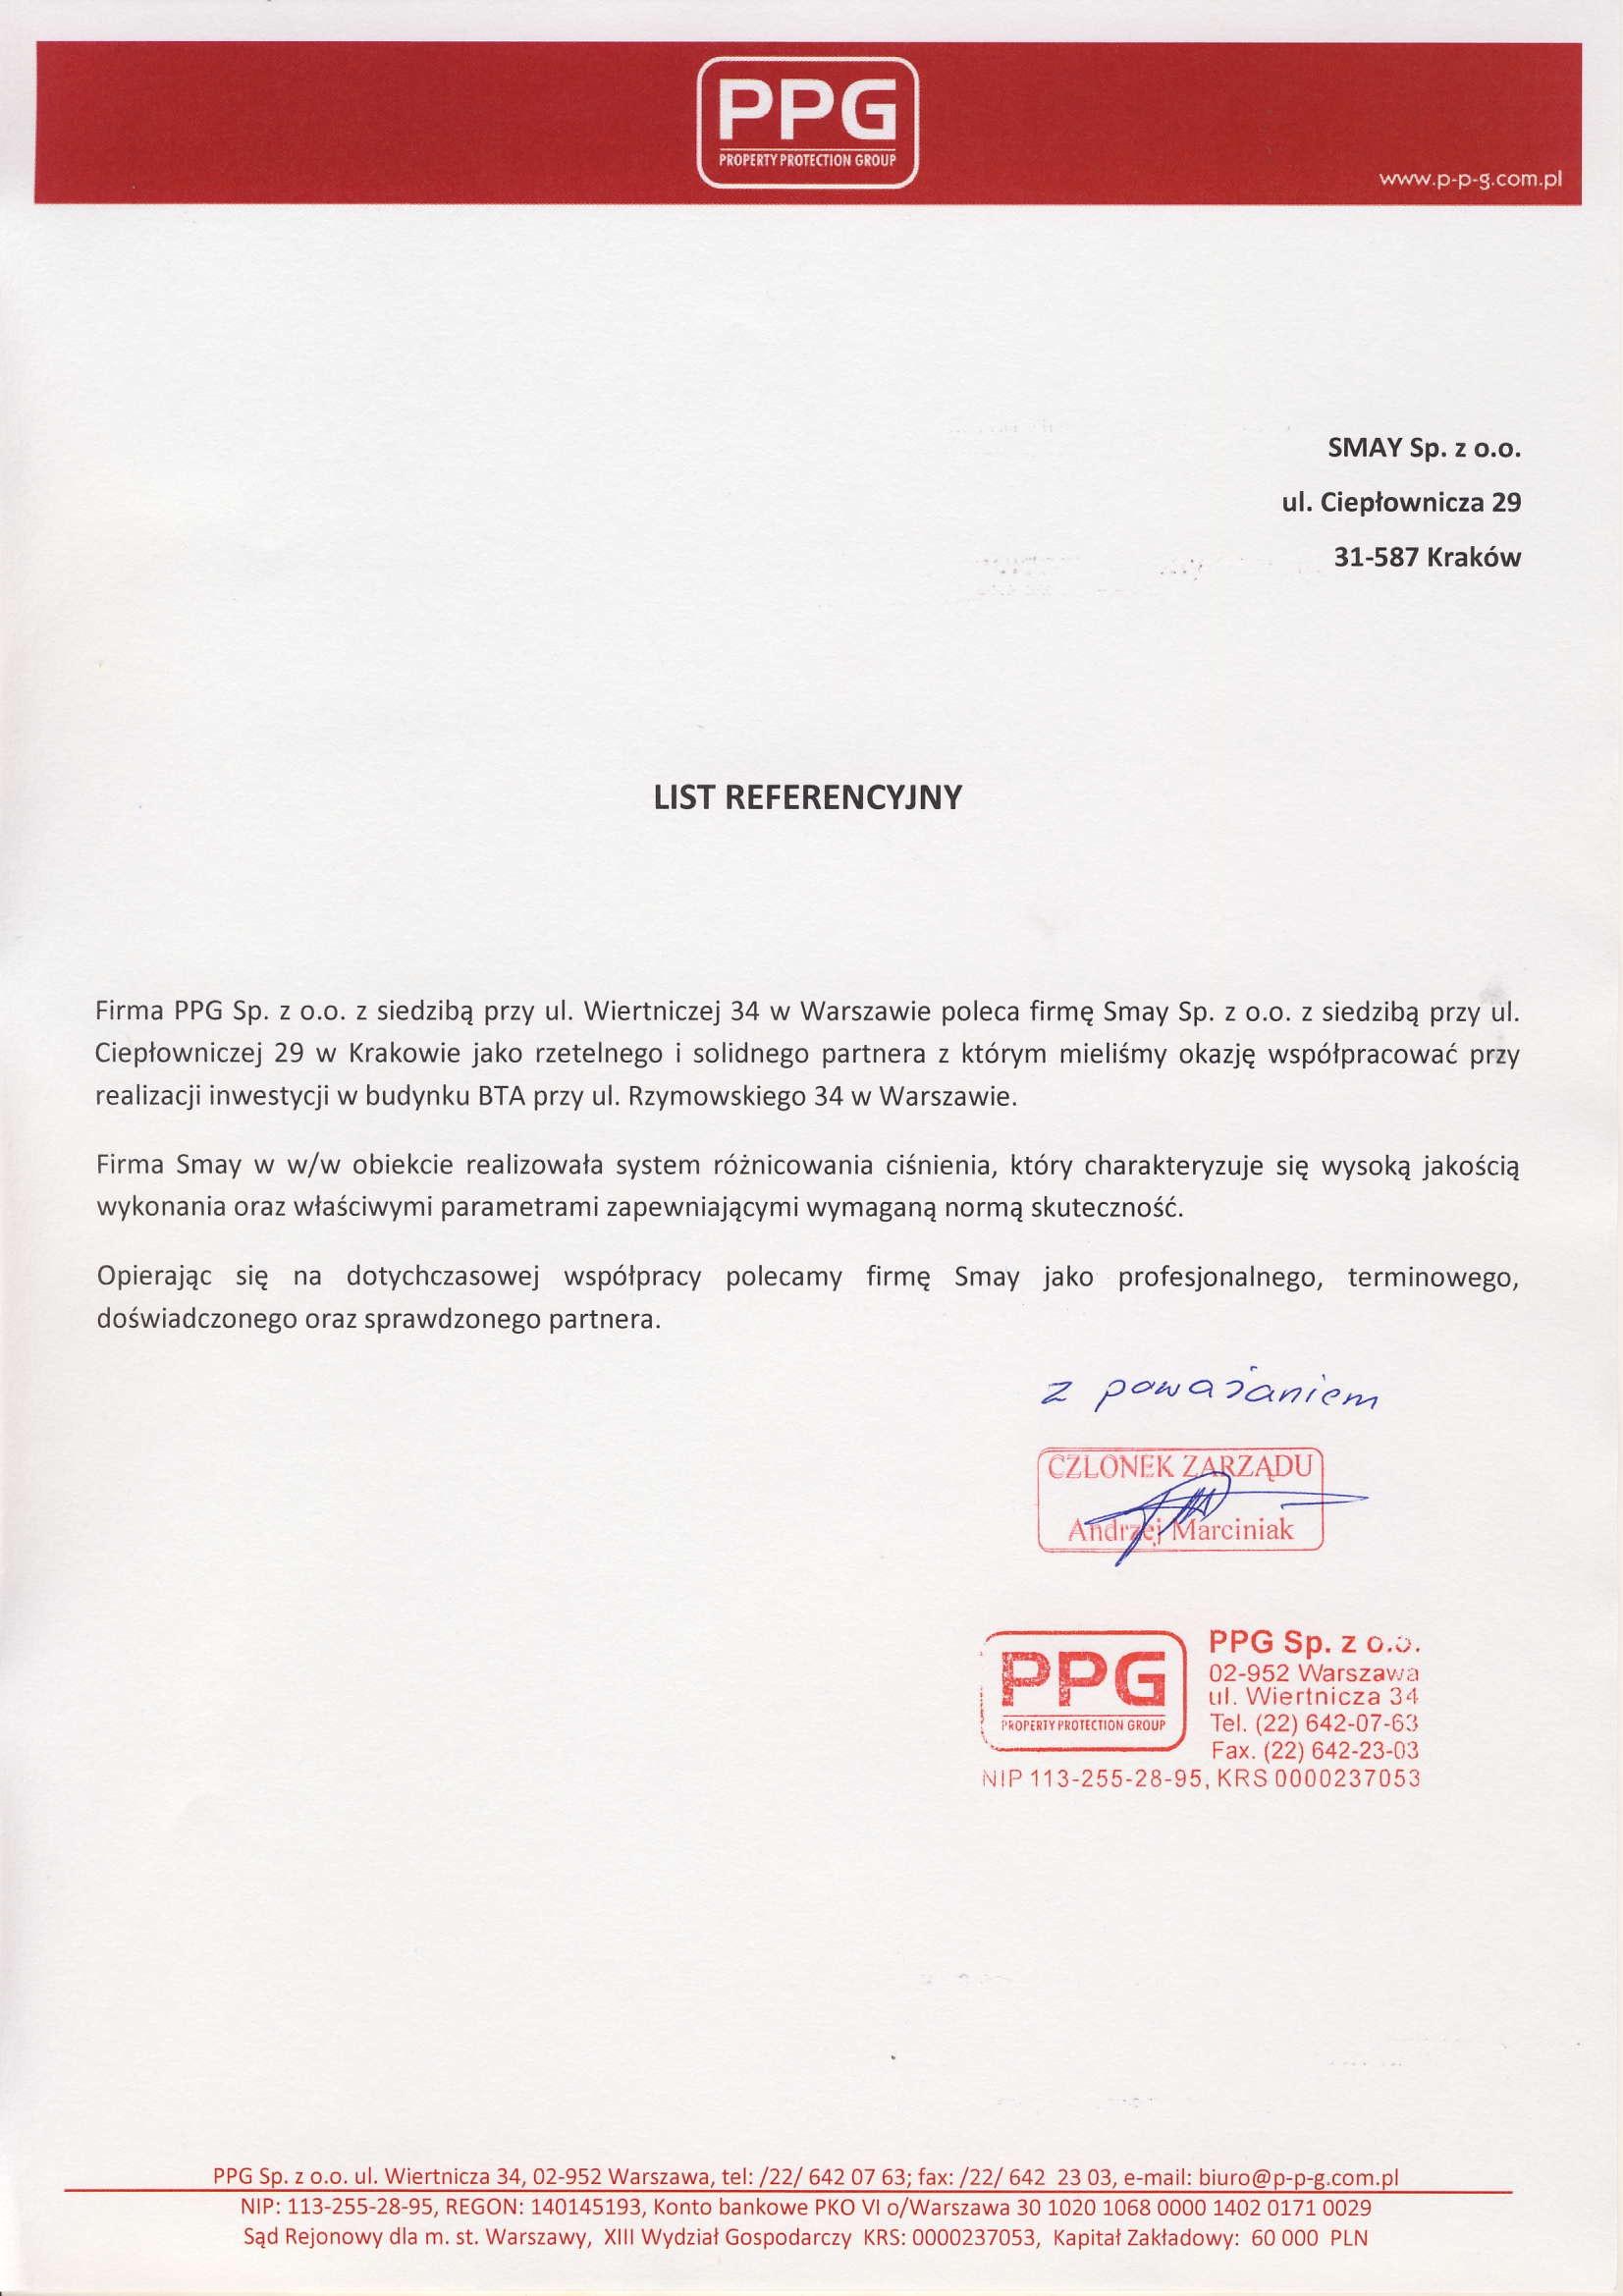 Referencja - PPG Sp. z o.o.